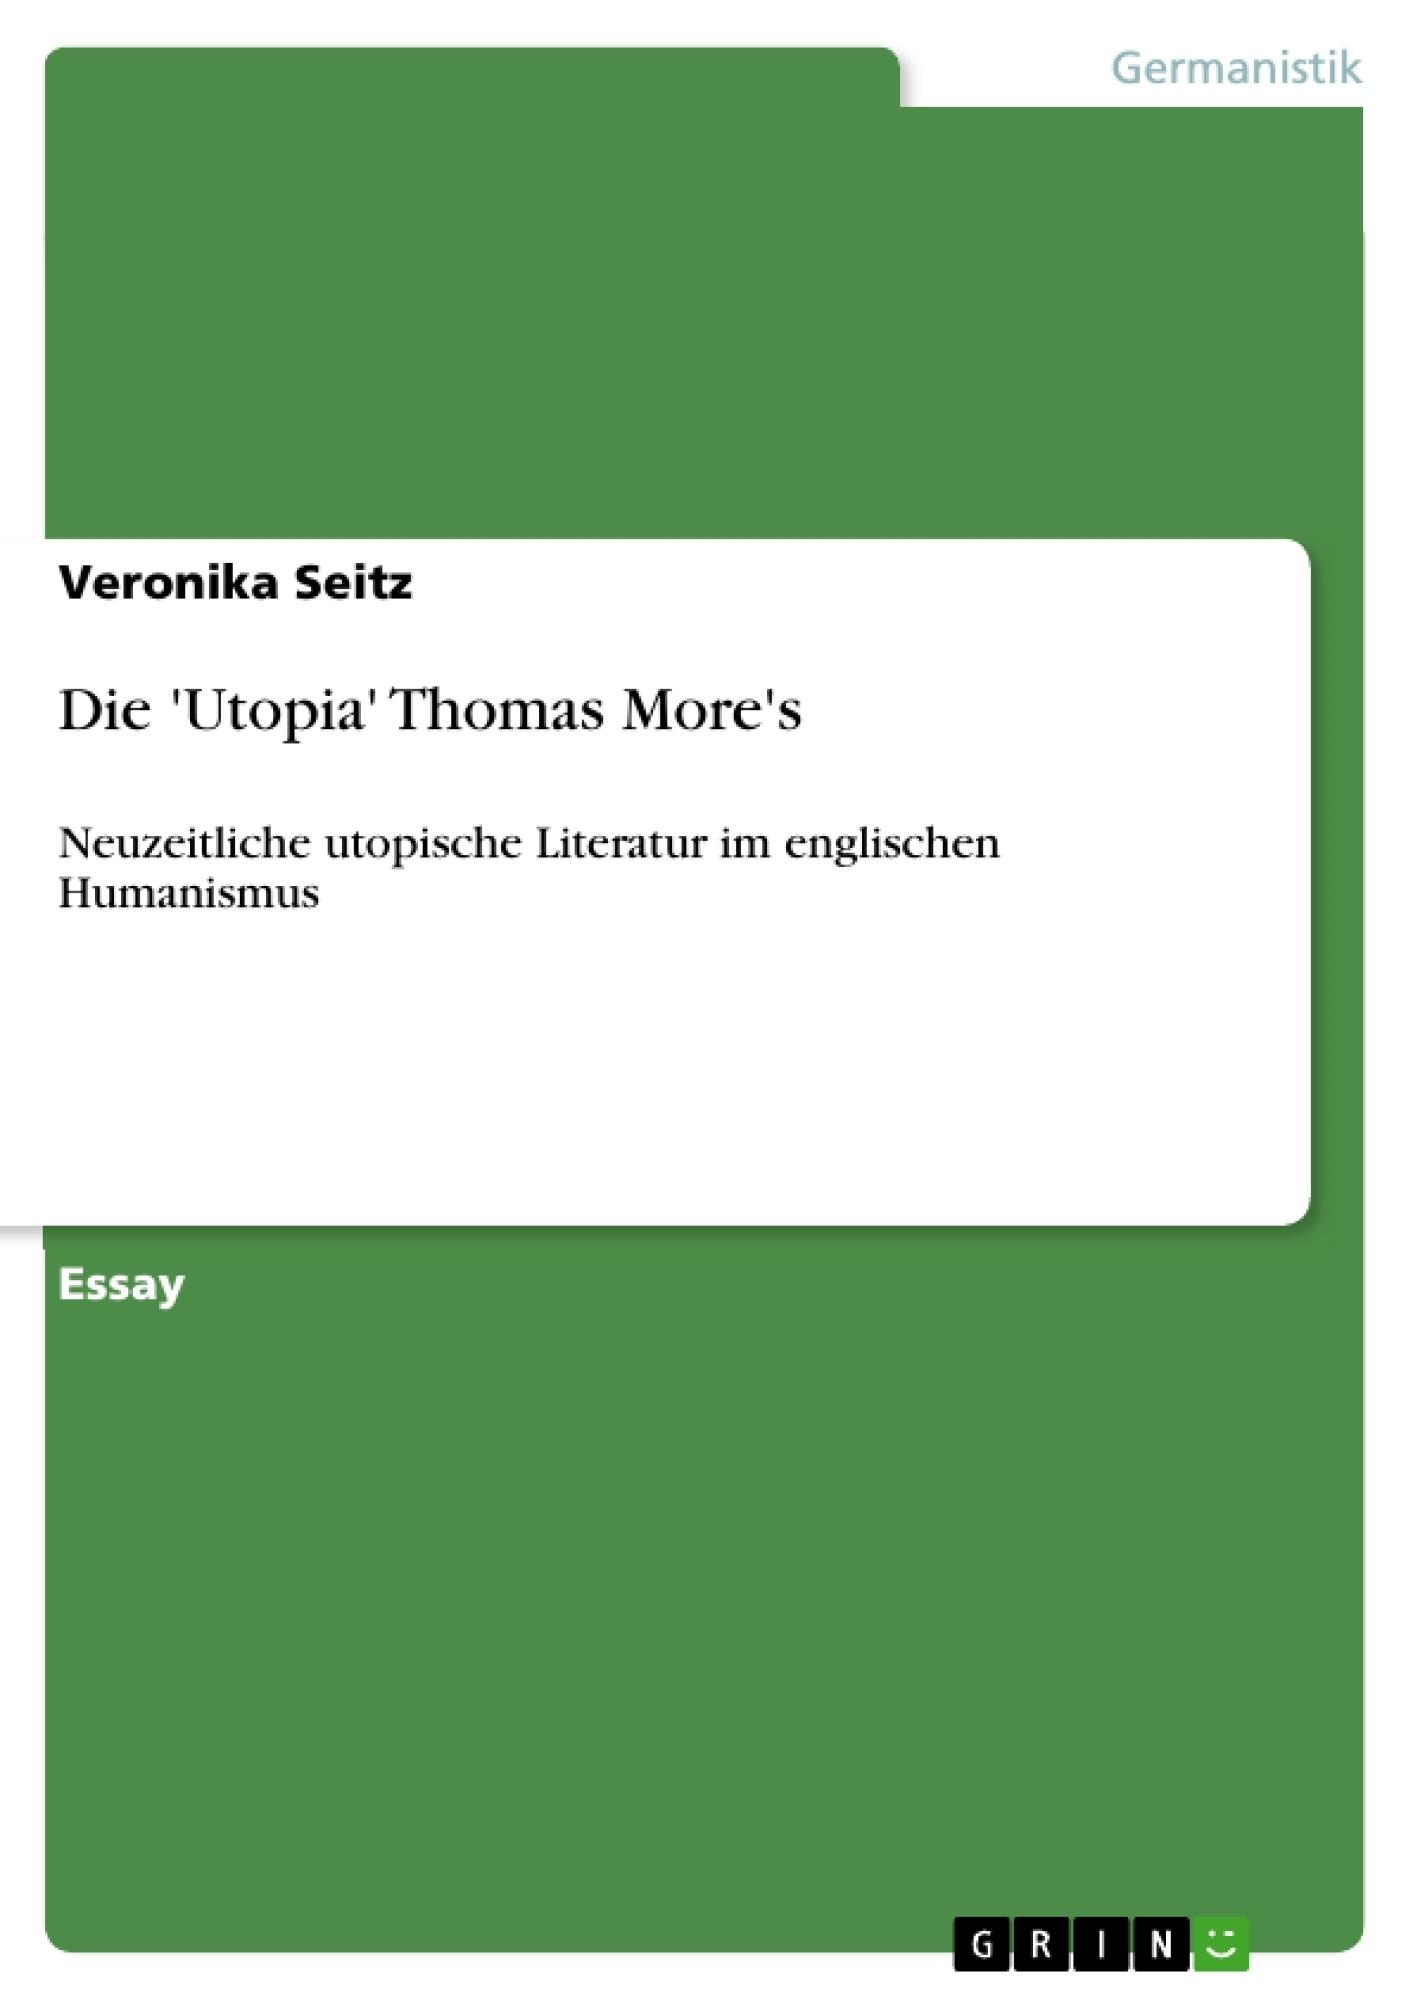 Titel: Die 'Utopia' Thomas More's